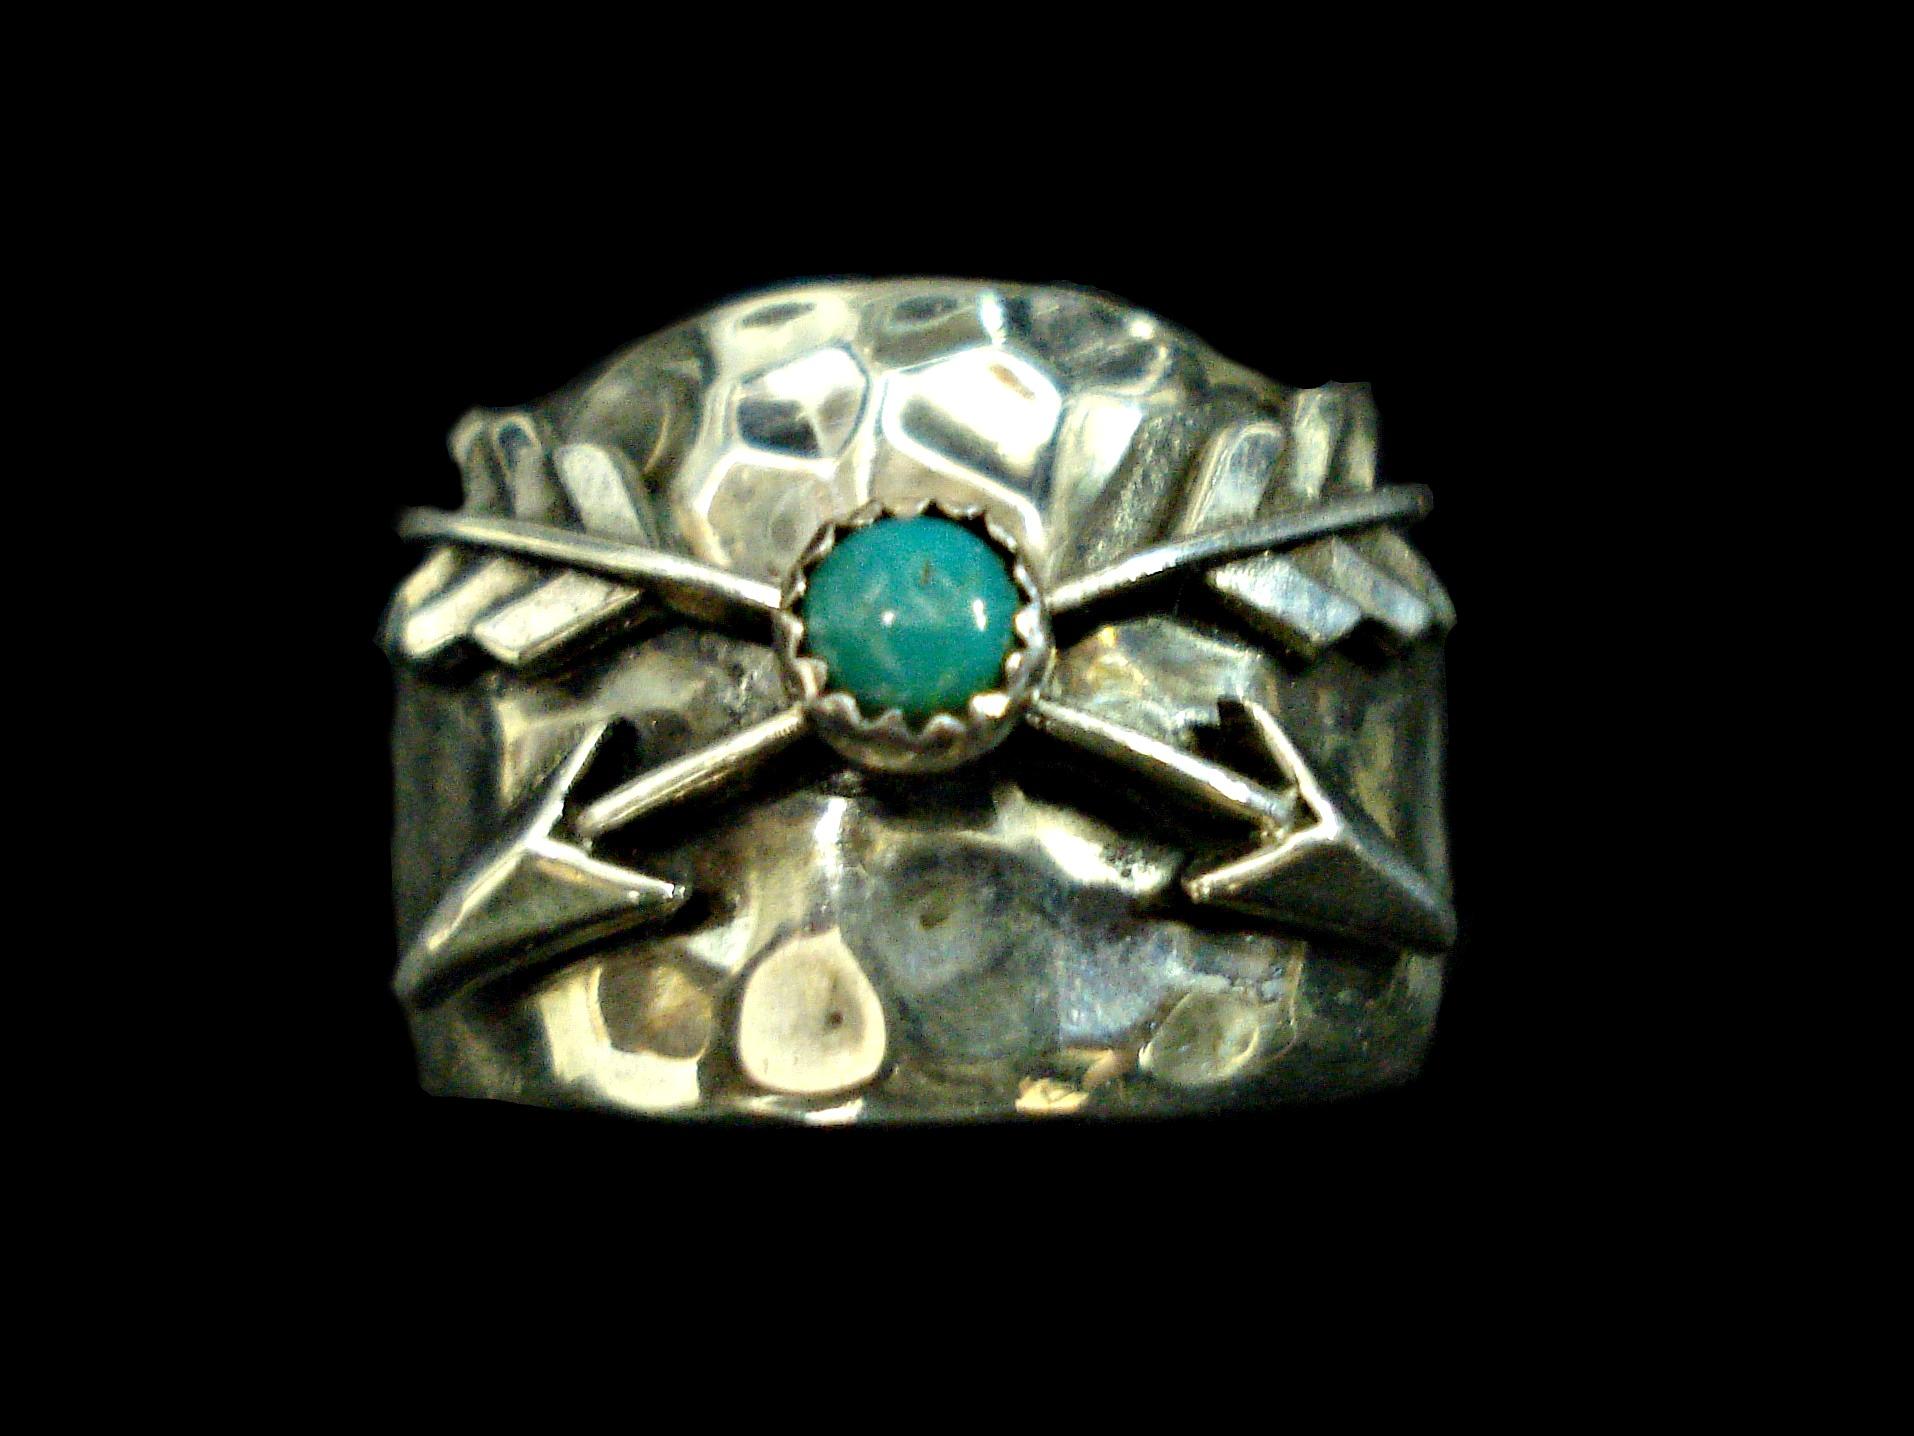 richard schmidt jewelry design crossed arrows ring